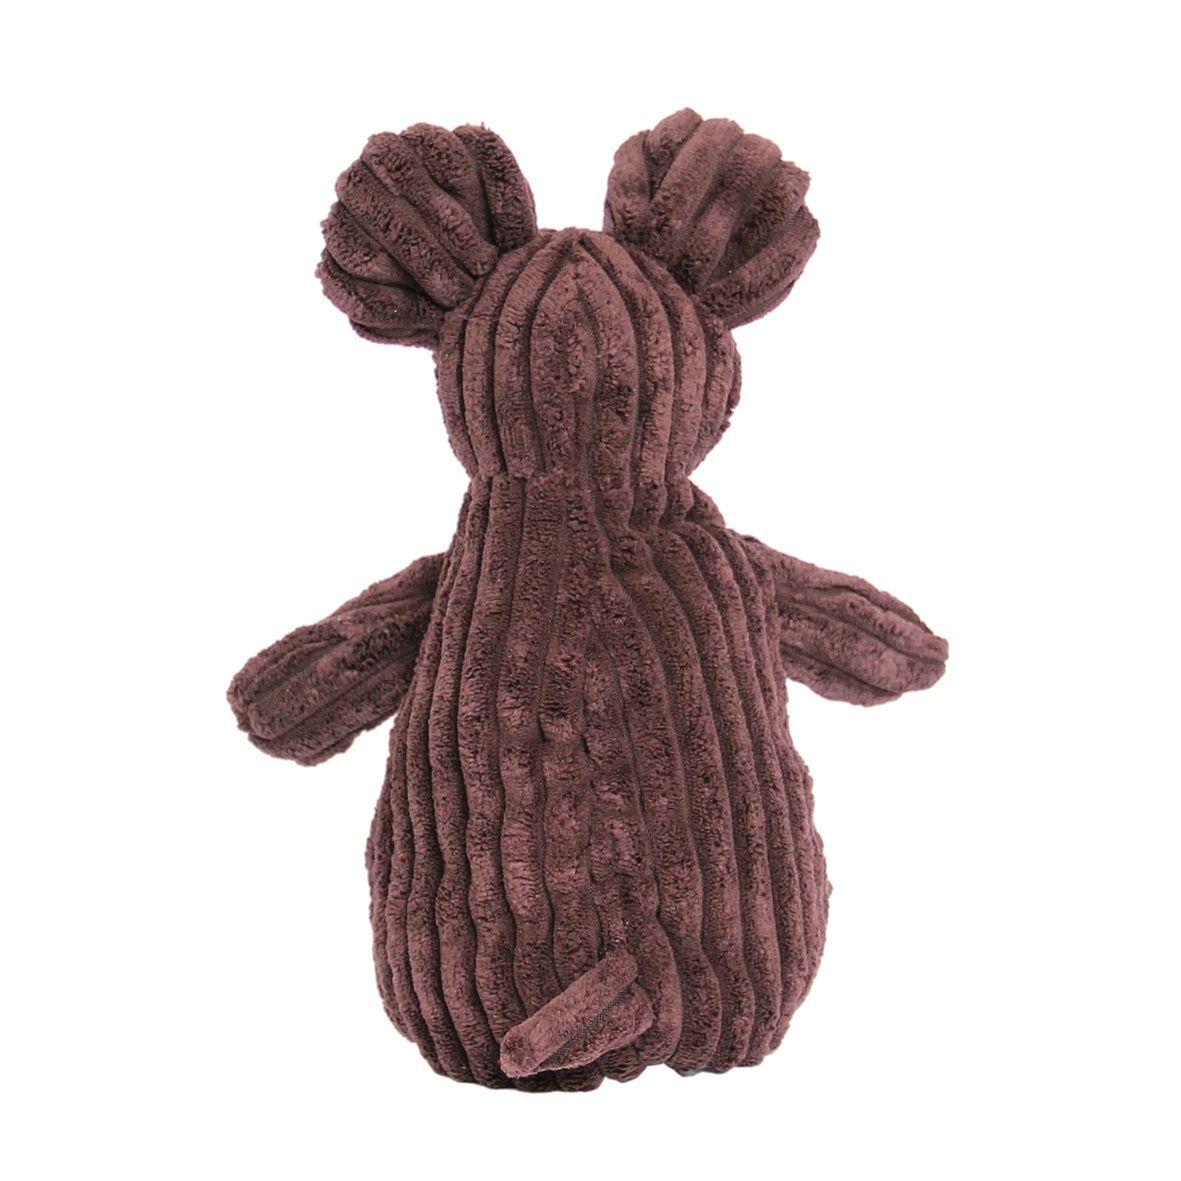 Pelúcia Simply Gromos, o Urso - Deglingos